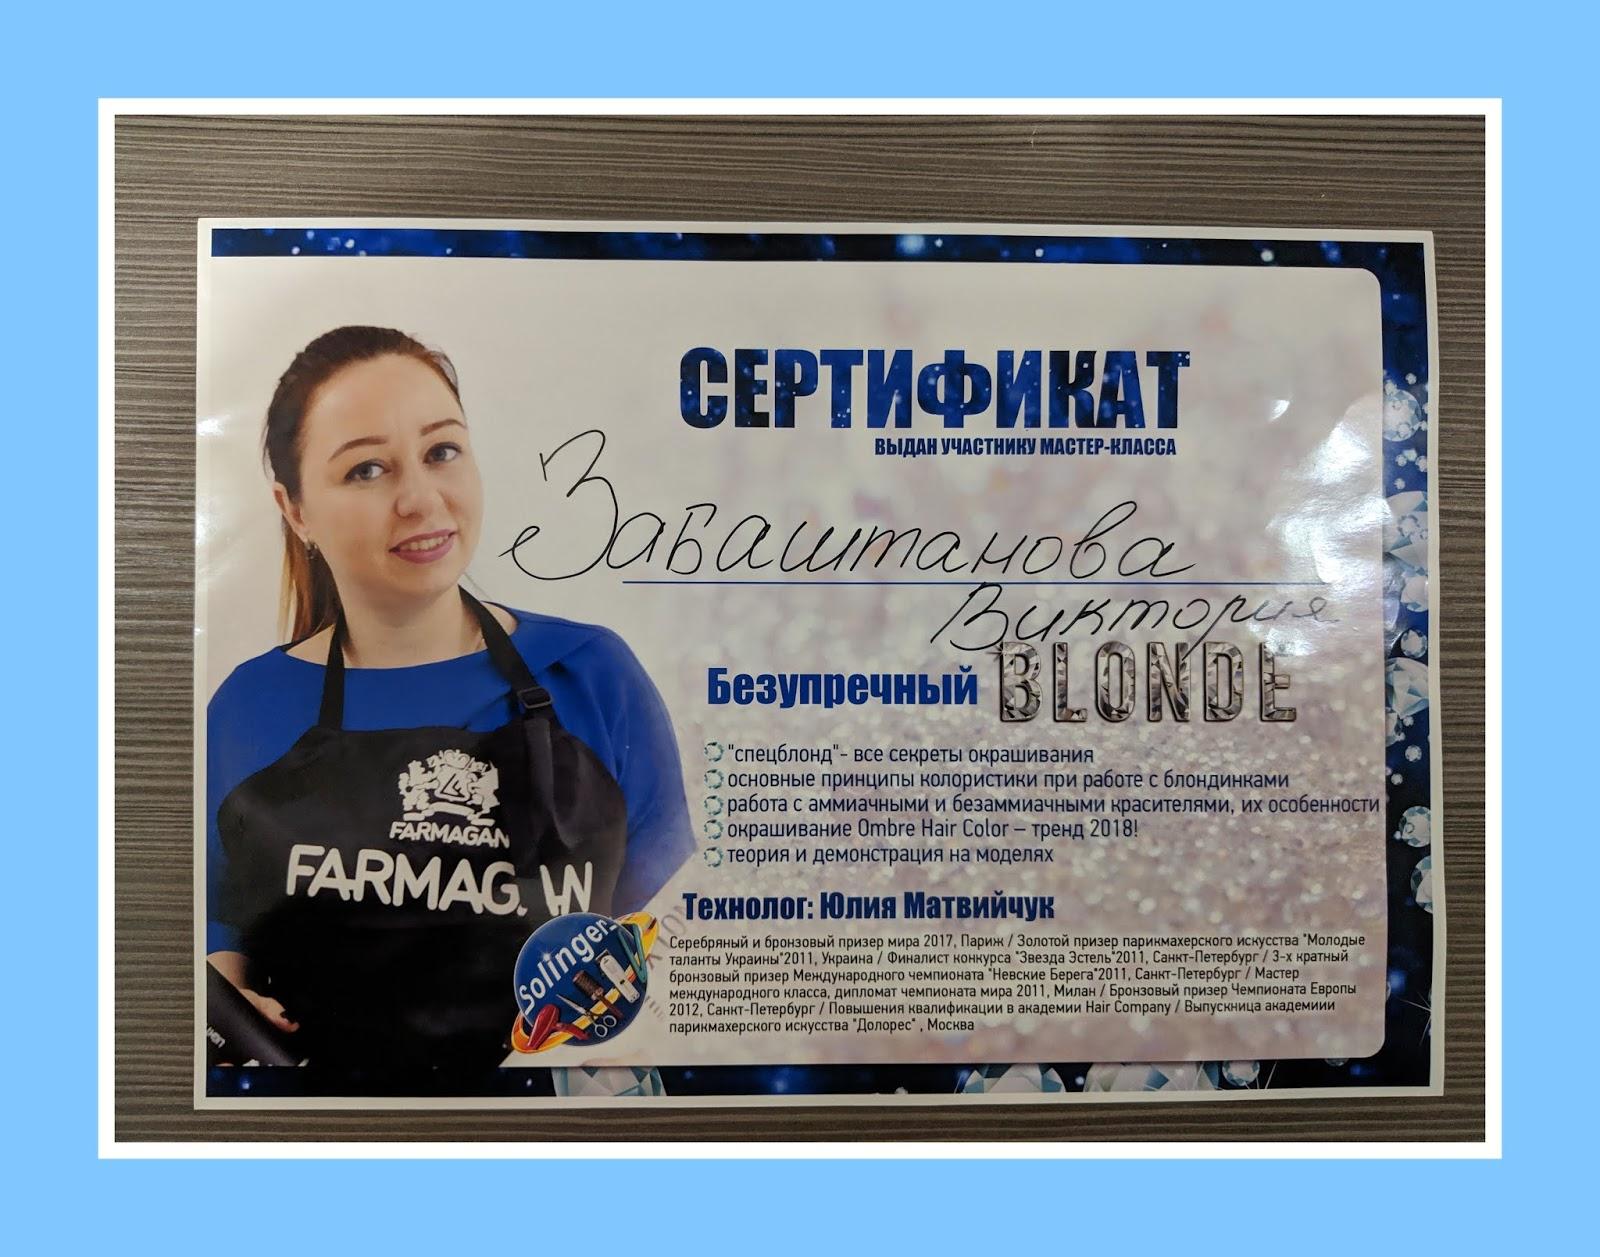 Сертификация мастера